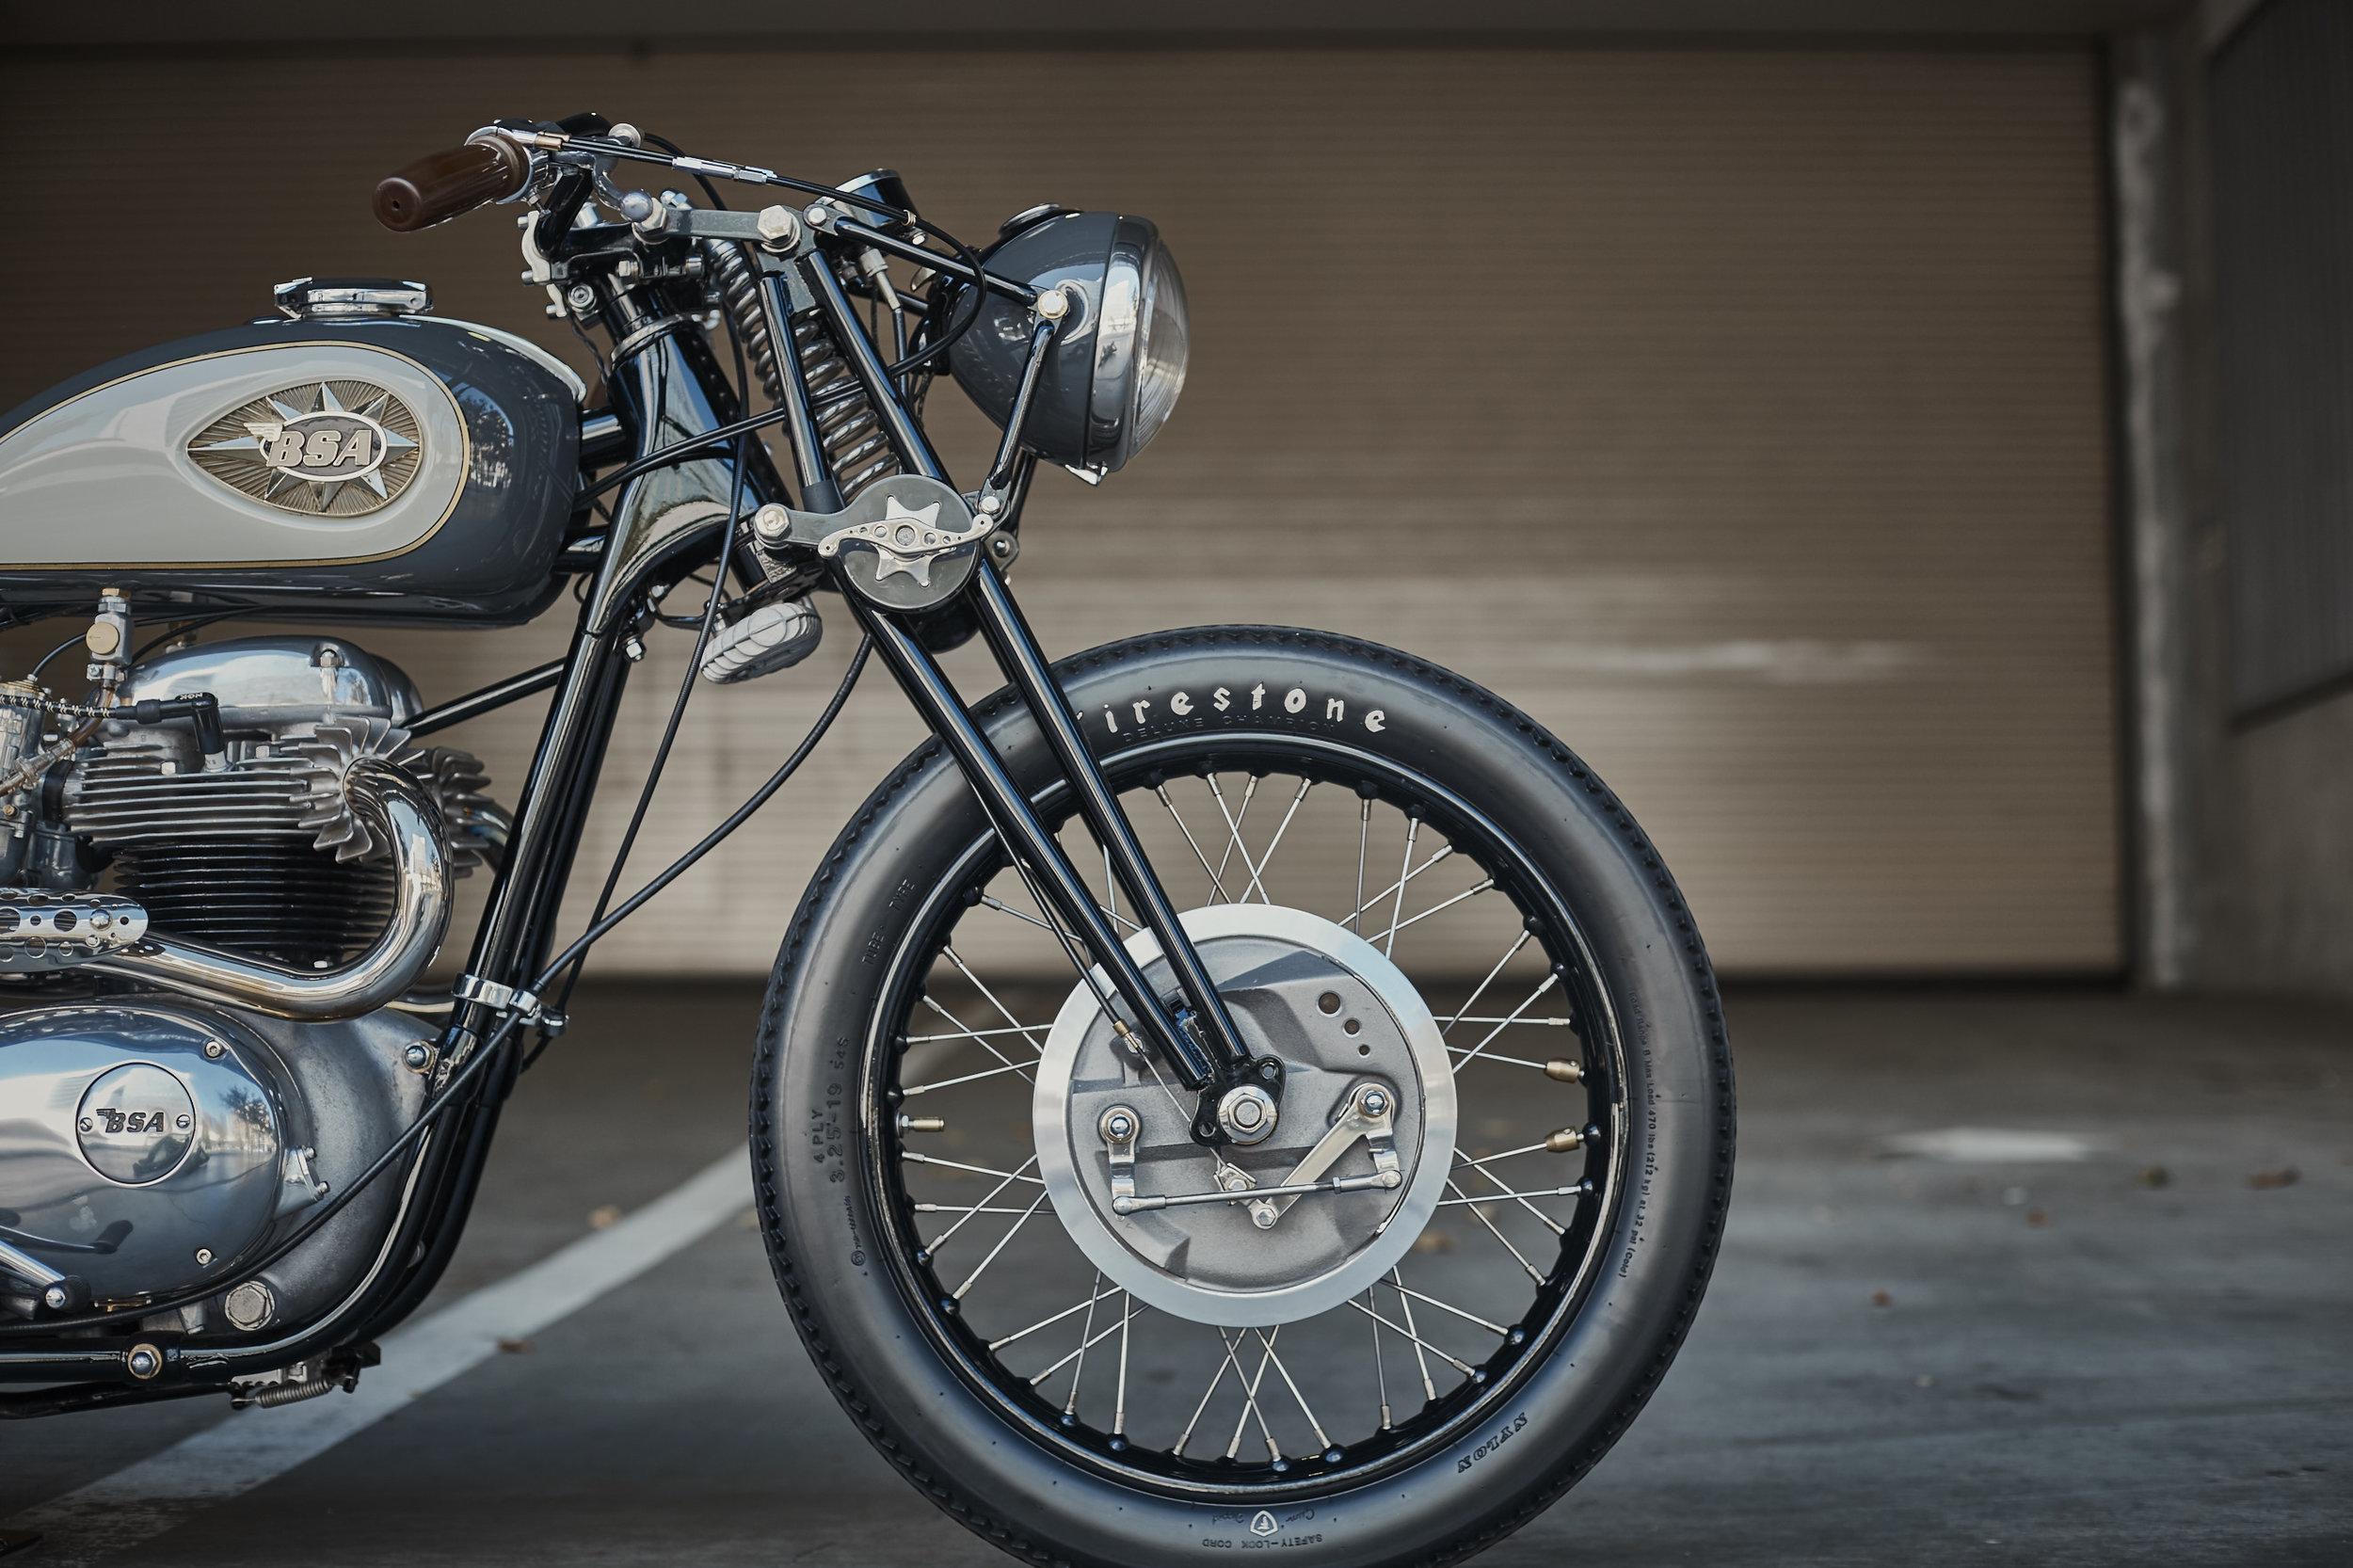 Rich-Tesla bike 2 27.jpg